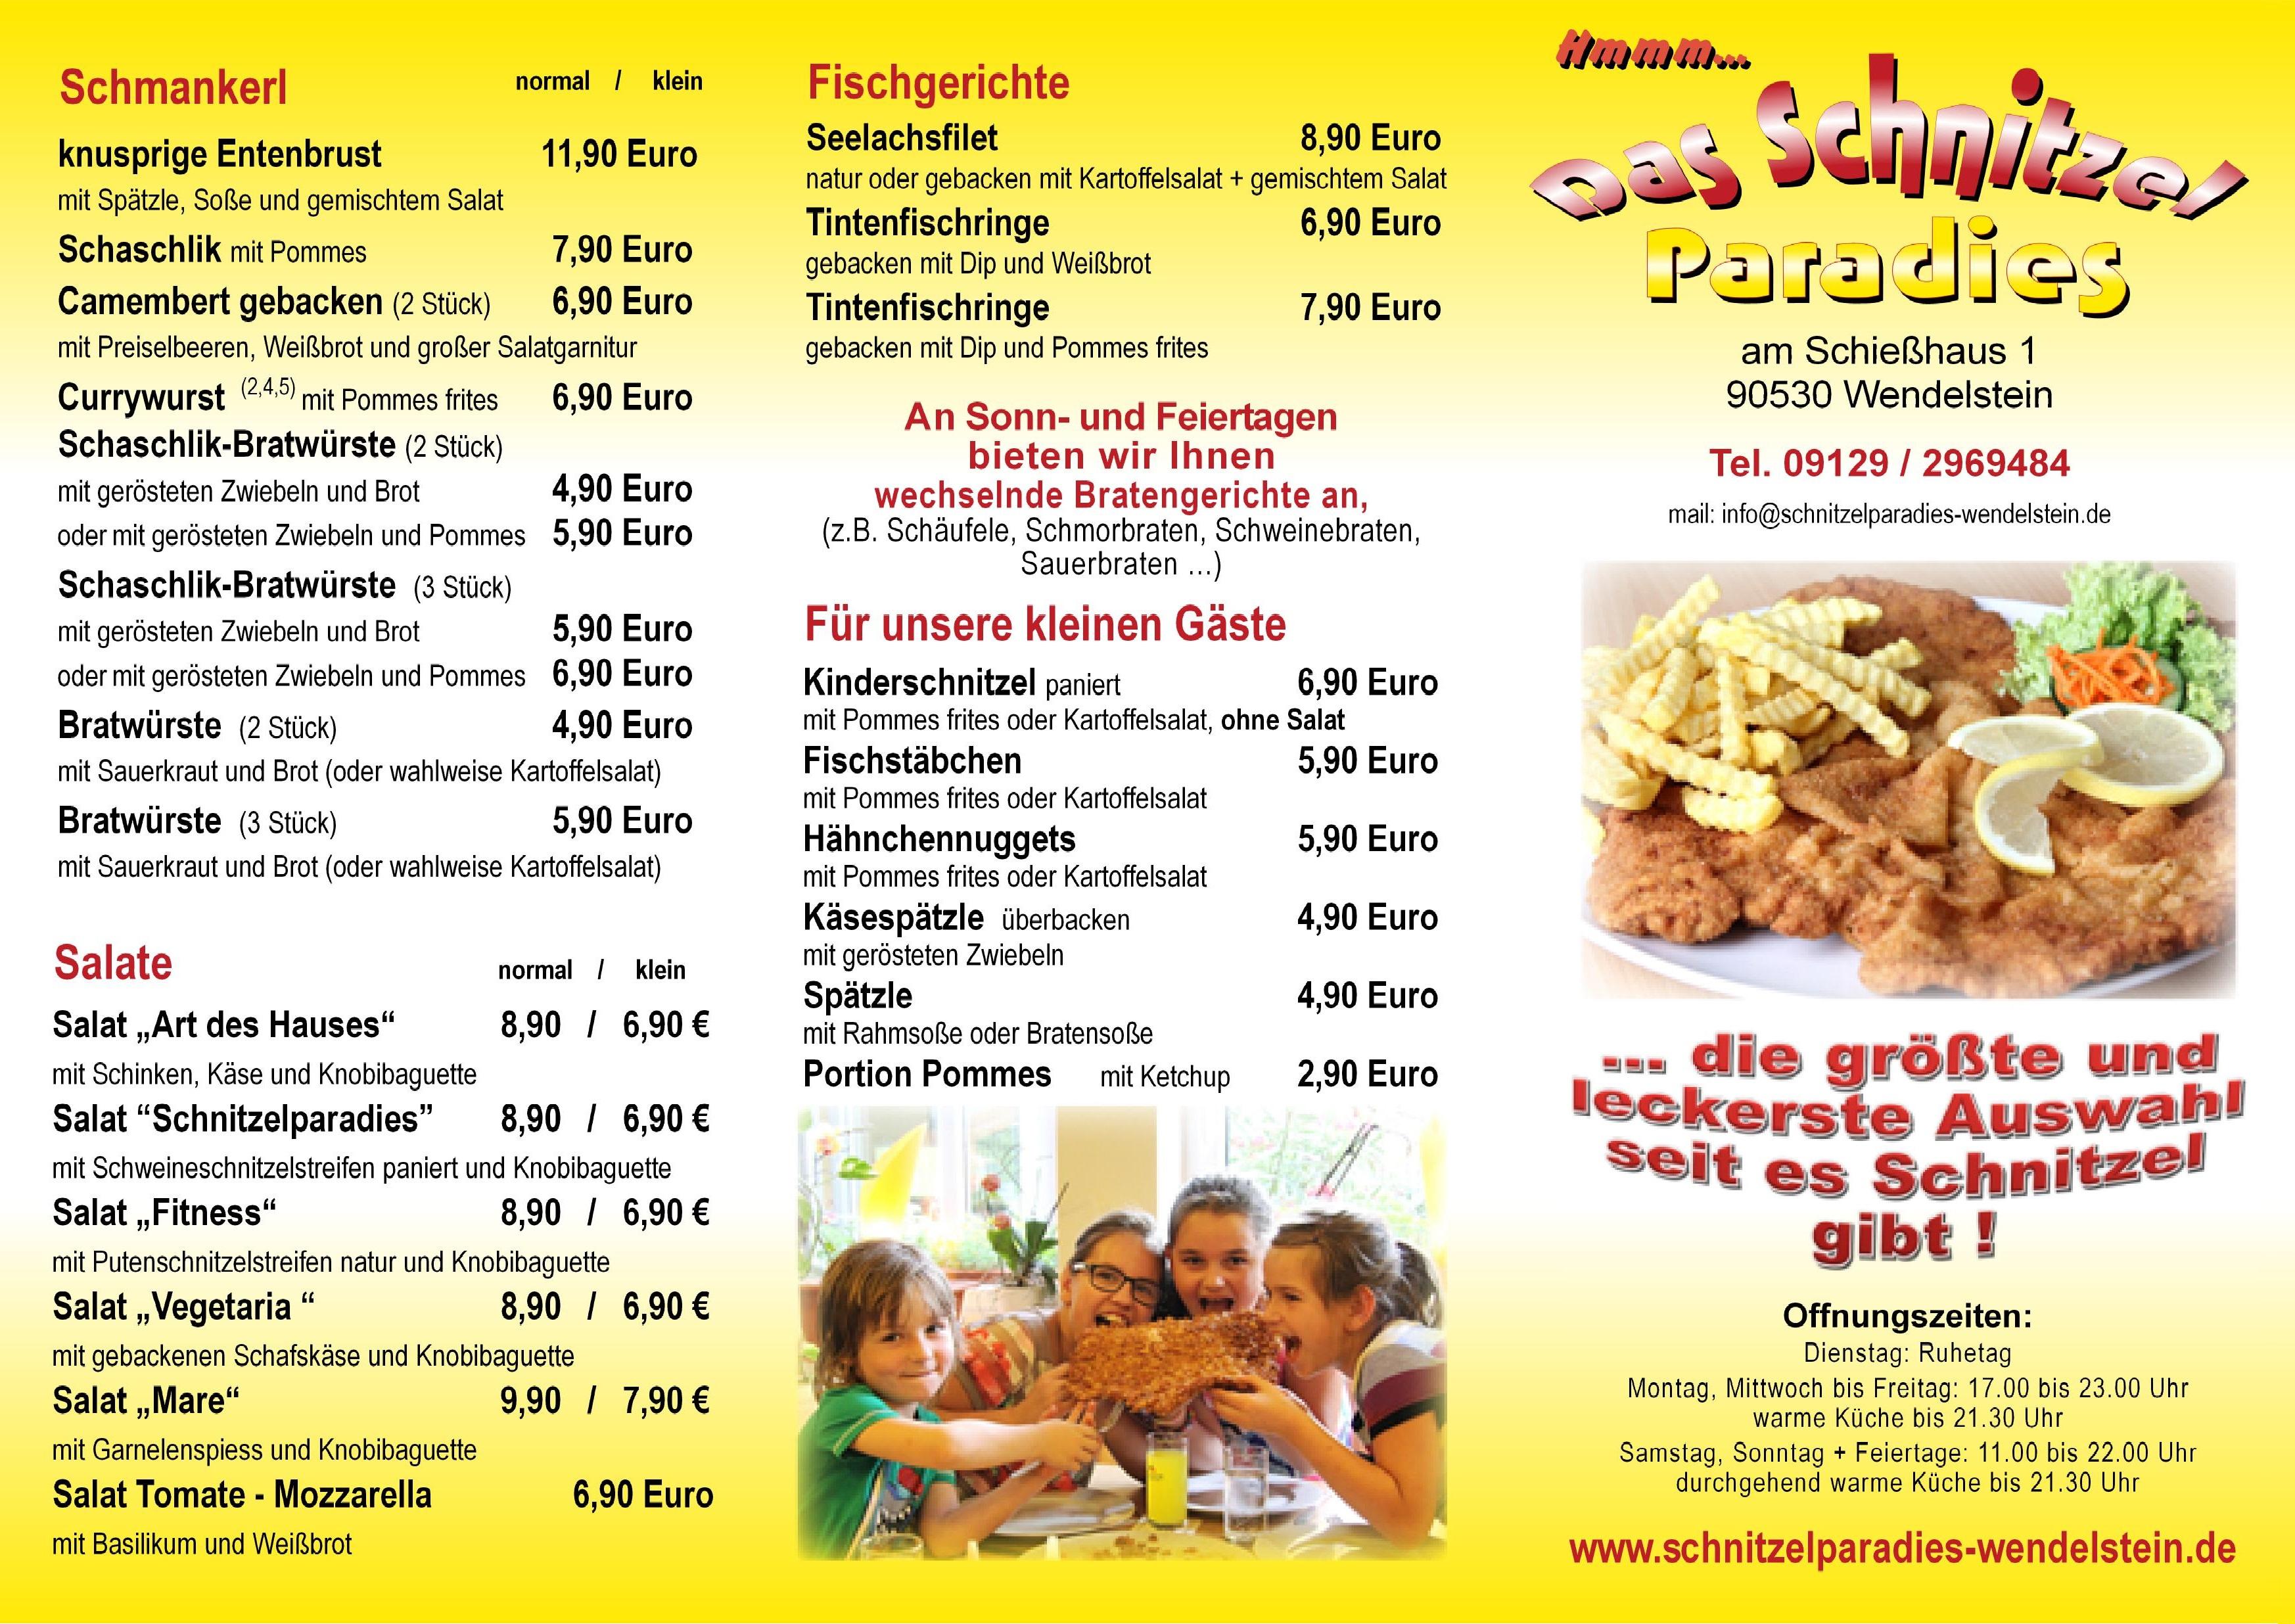 schnitzelparadies nürnberg speisekarte | schnitzelparadies nürnberg